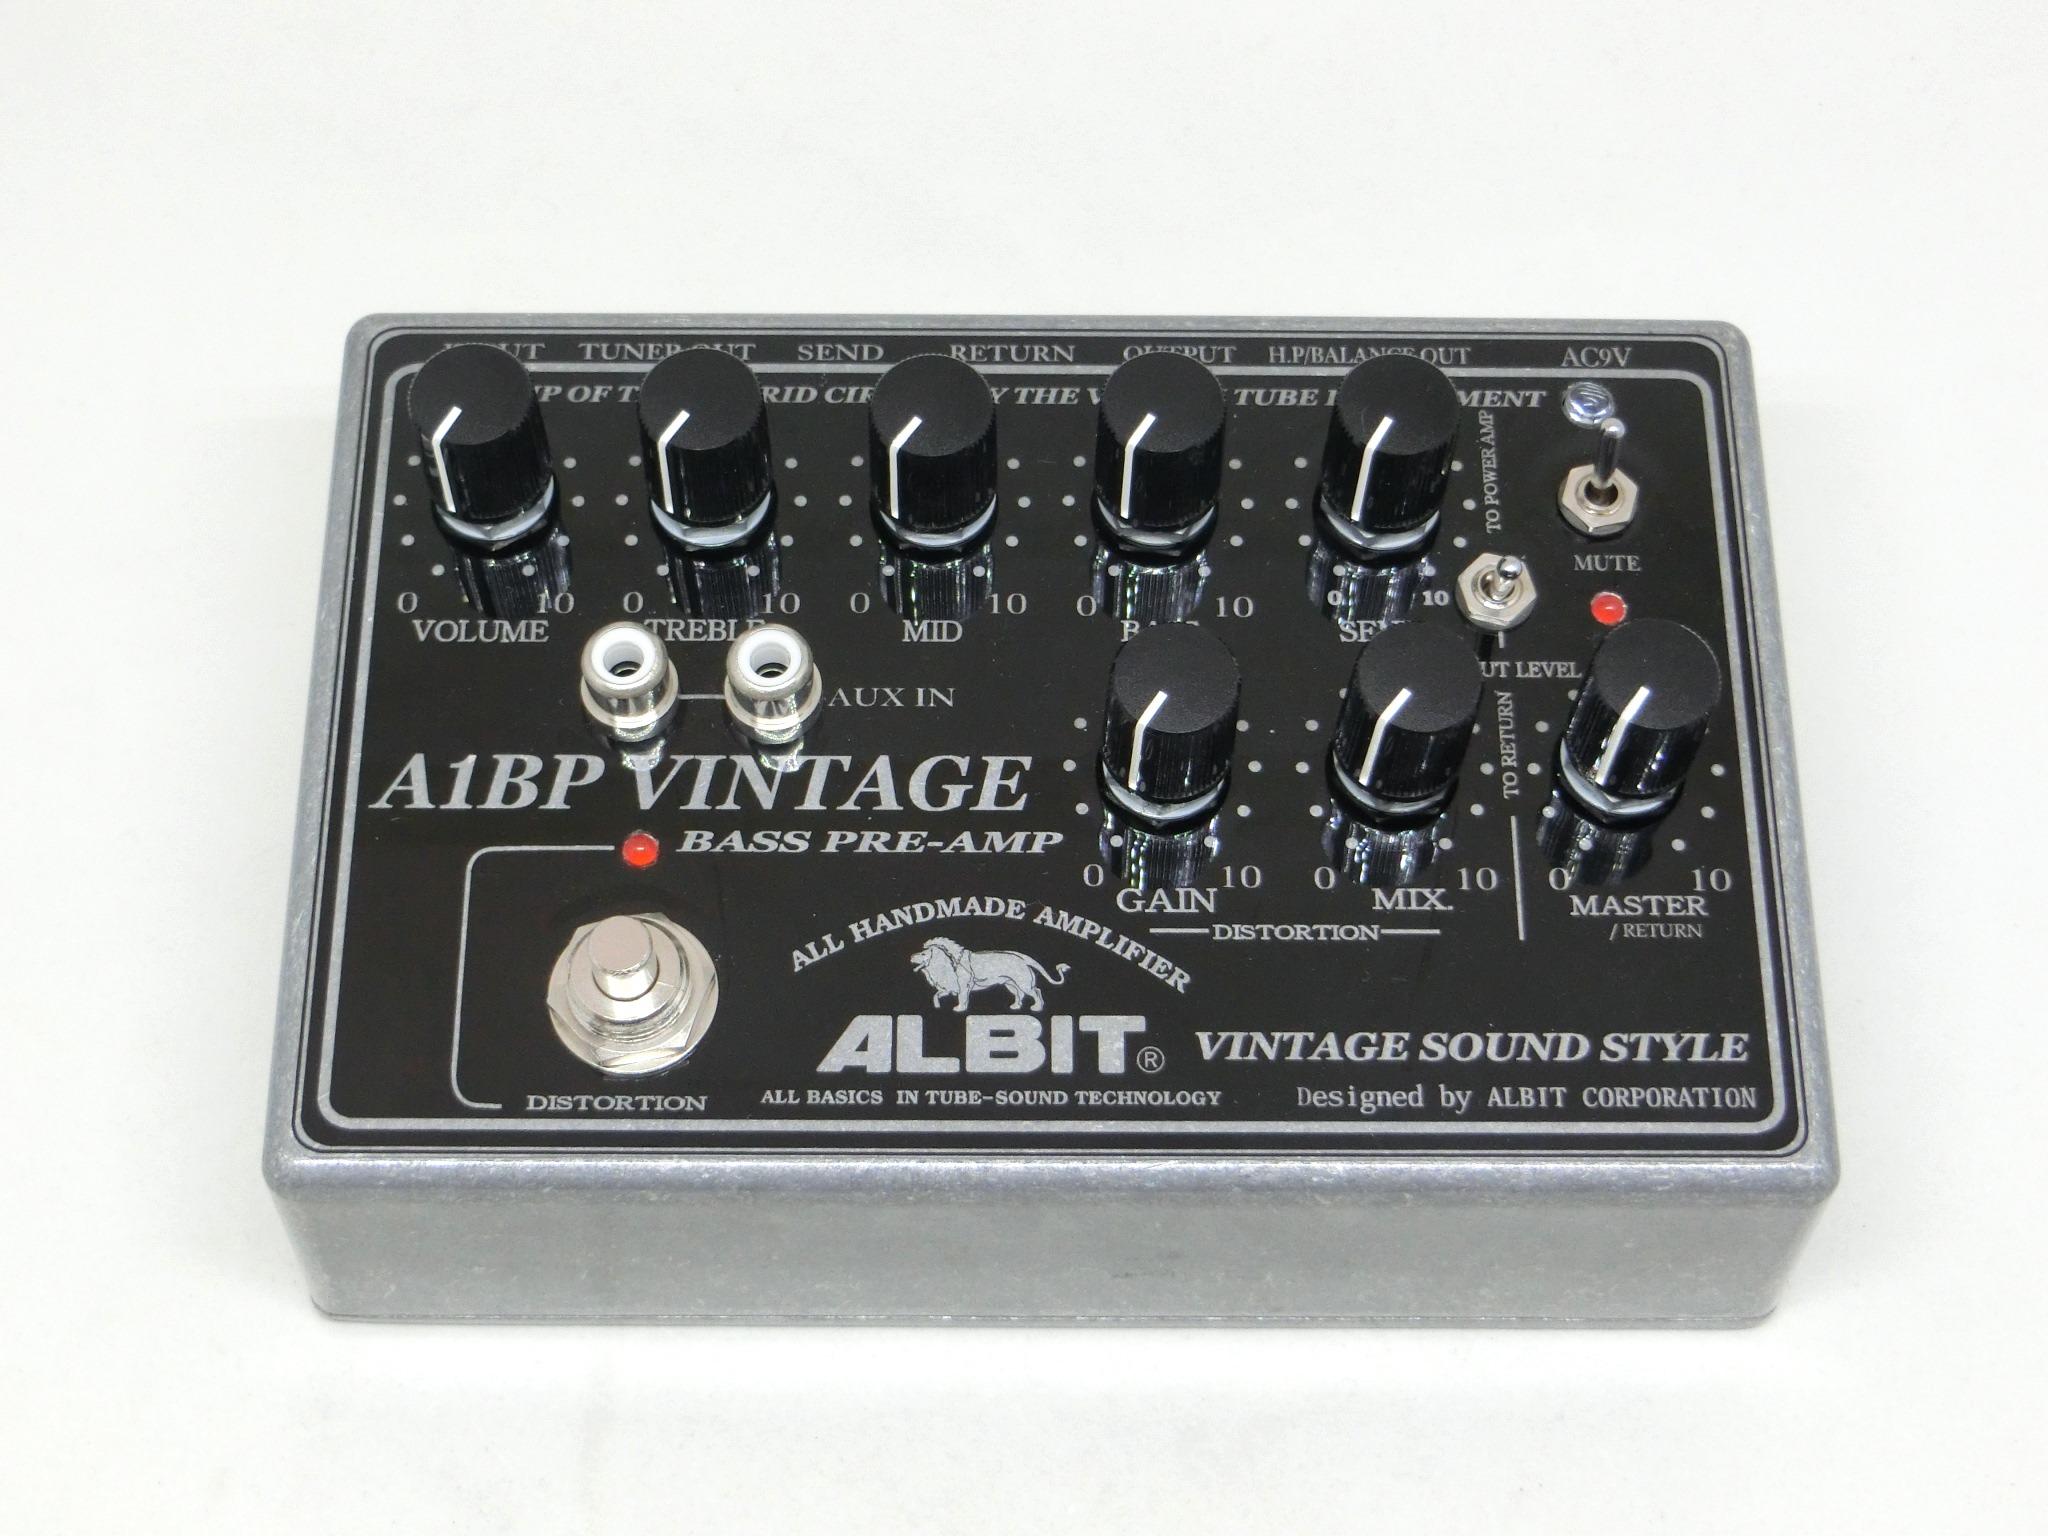 albit-albp-1